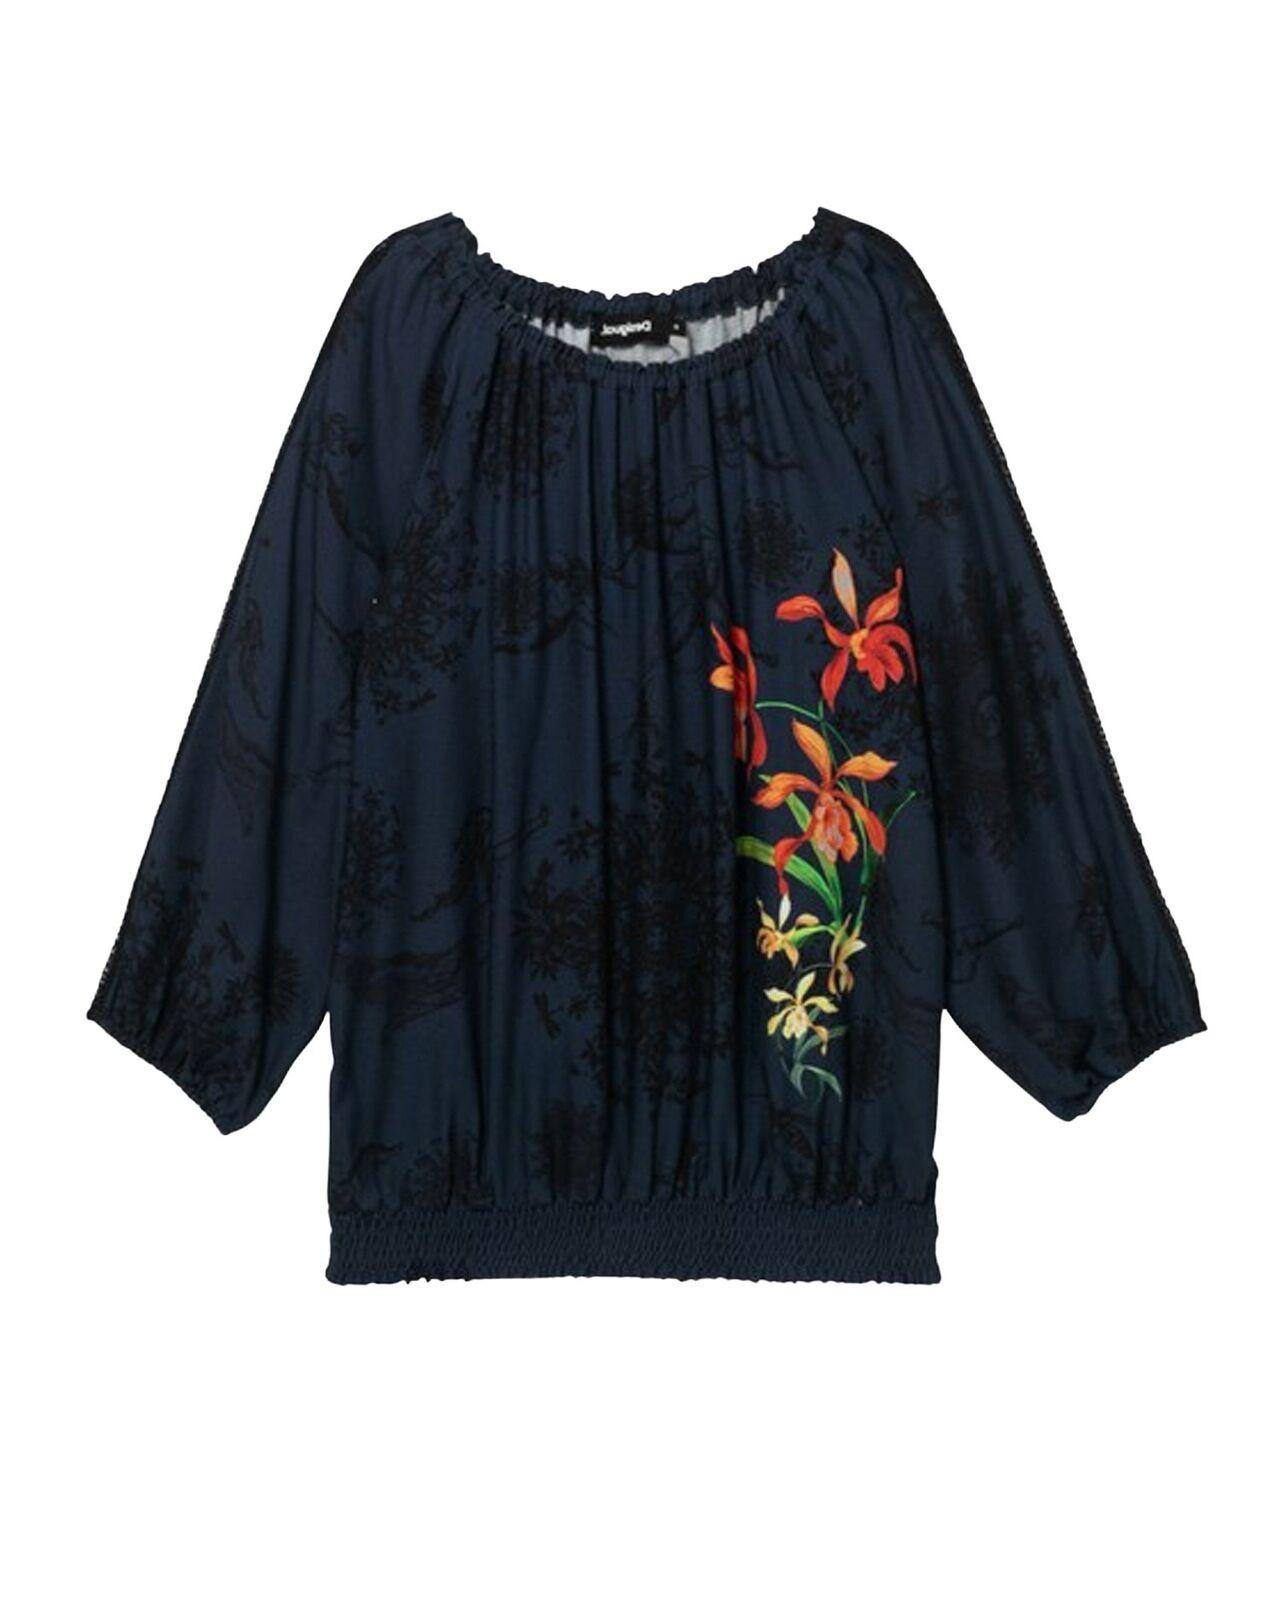 DESIGUAL | Shirt | 21SWBW255189